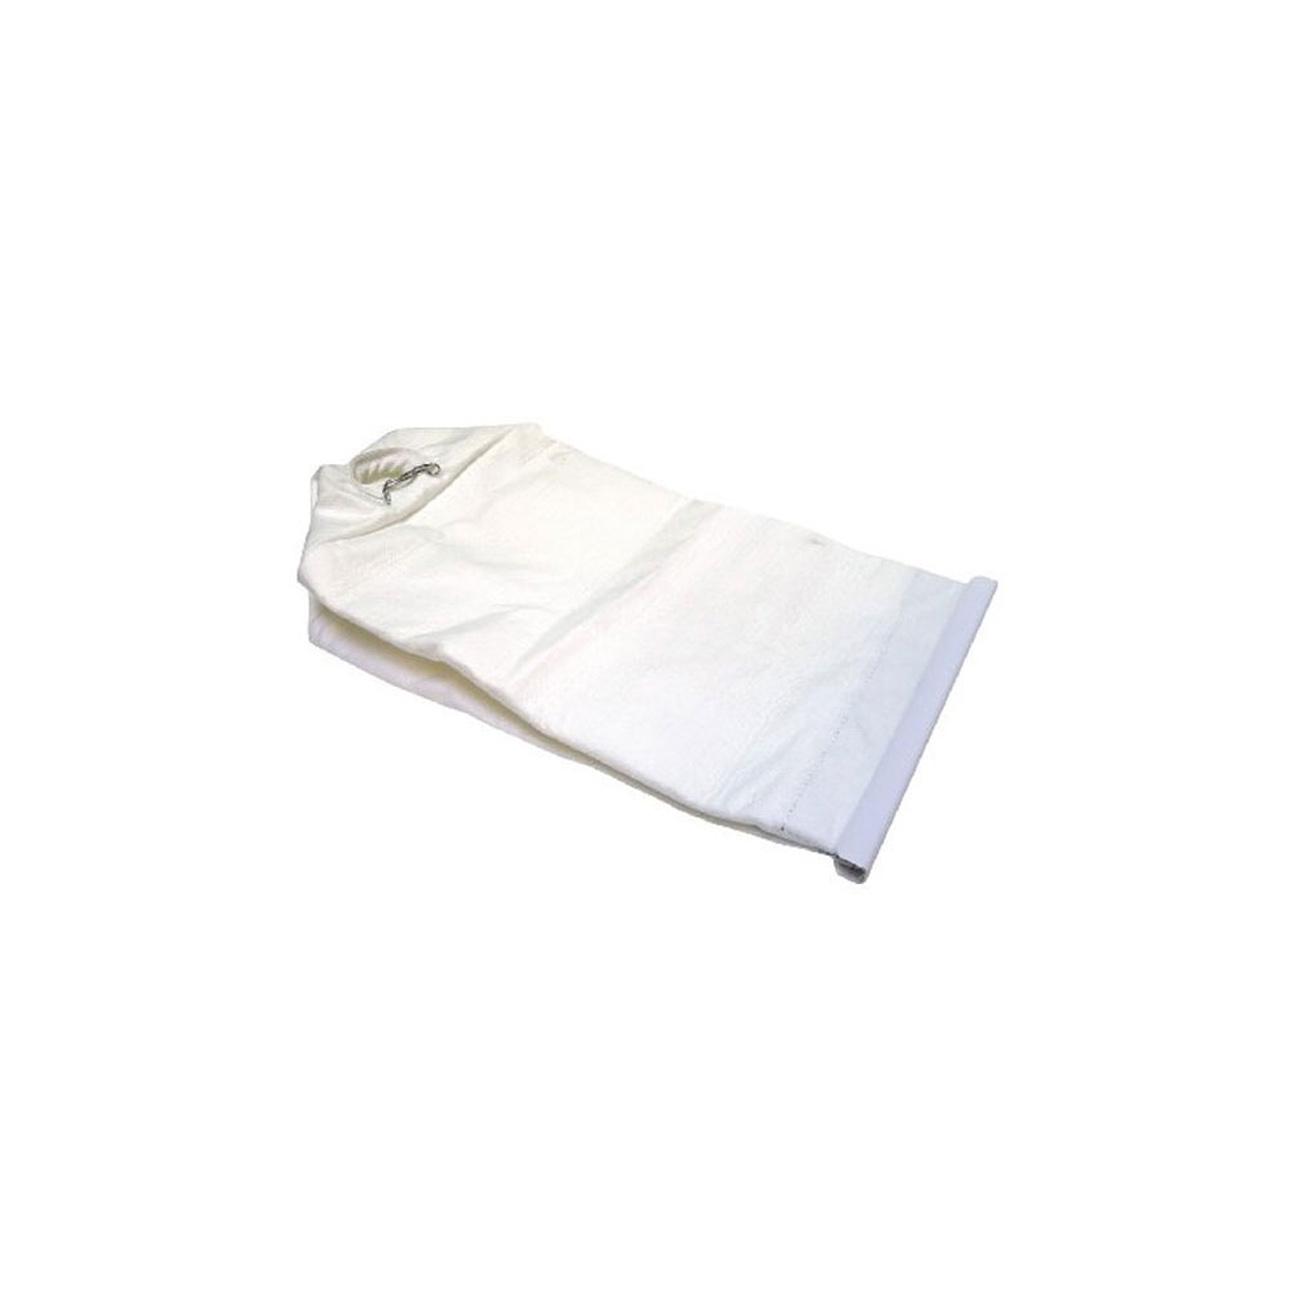 sac aspirateur en tissu pour plaster 35 far tools krenobat outillage distribution. Black Bedroom Furniture Sets. Home Design Ideas